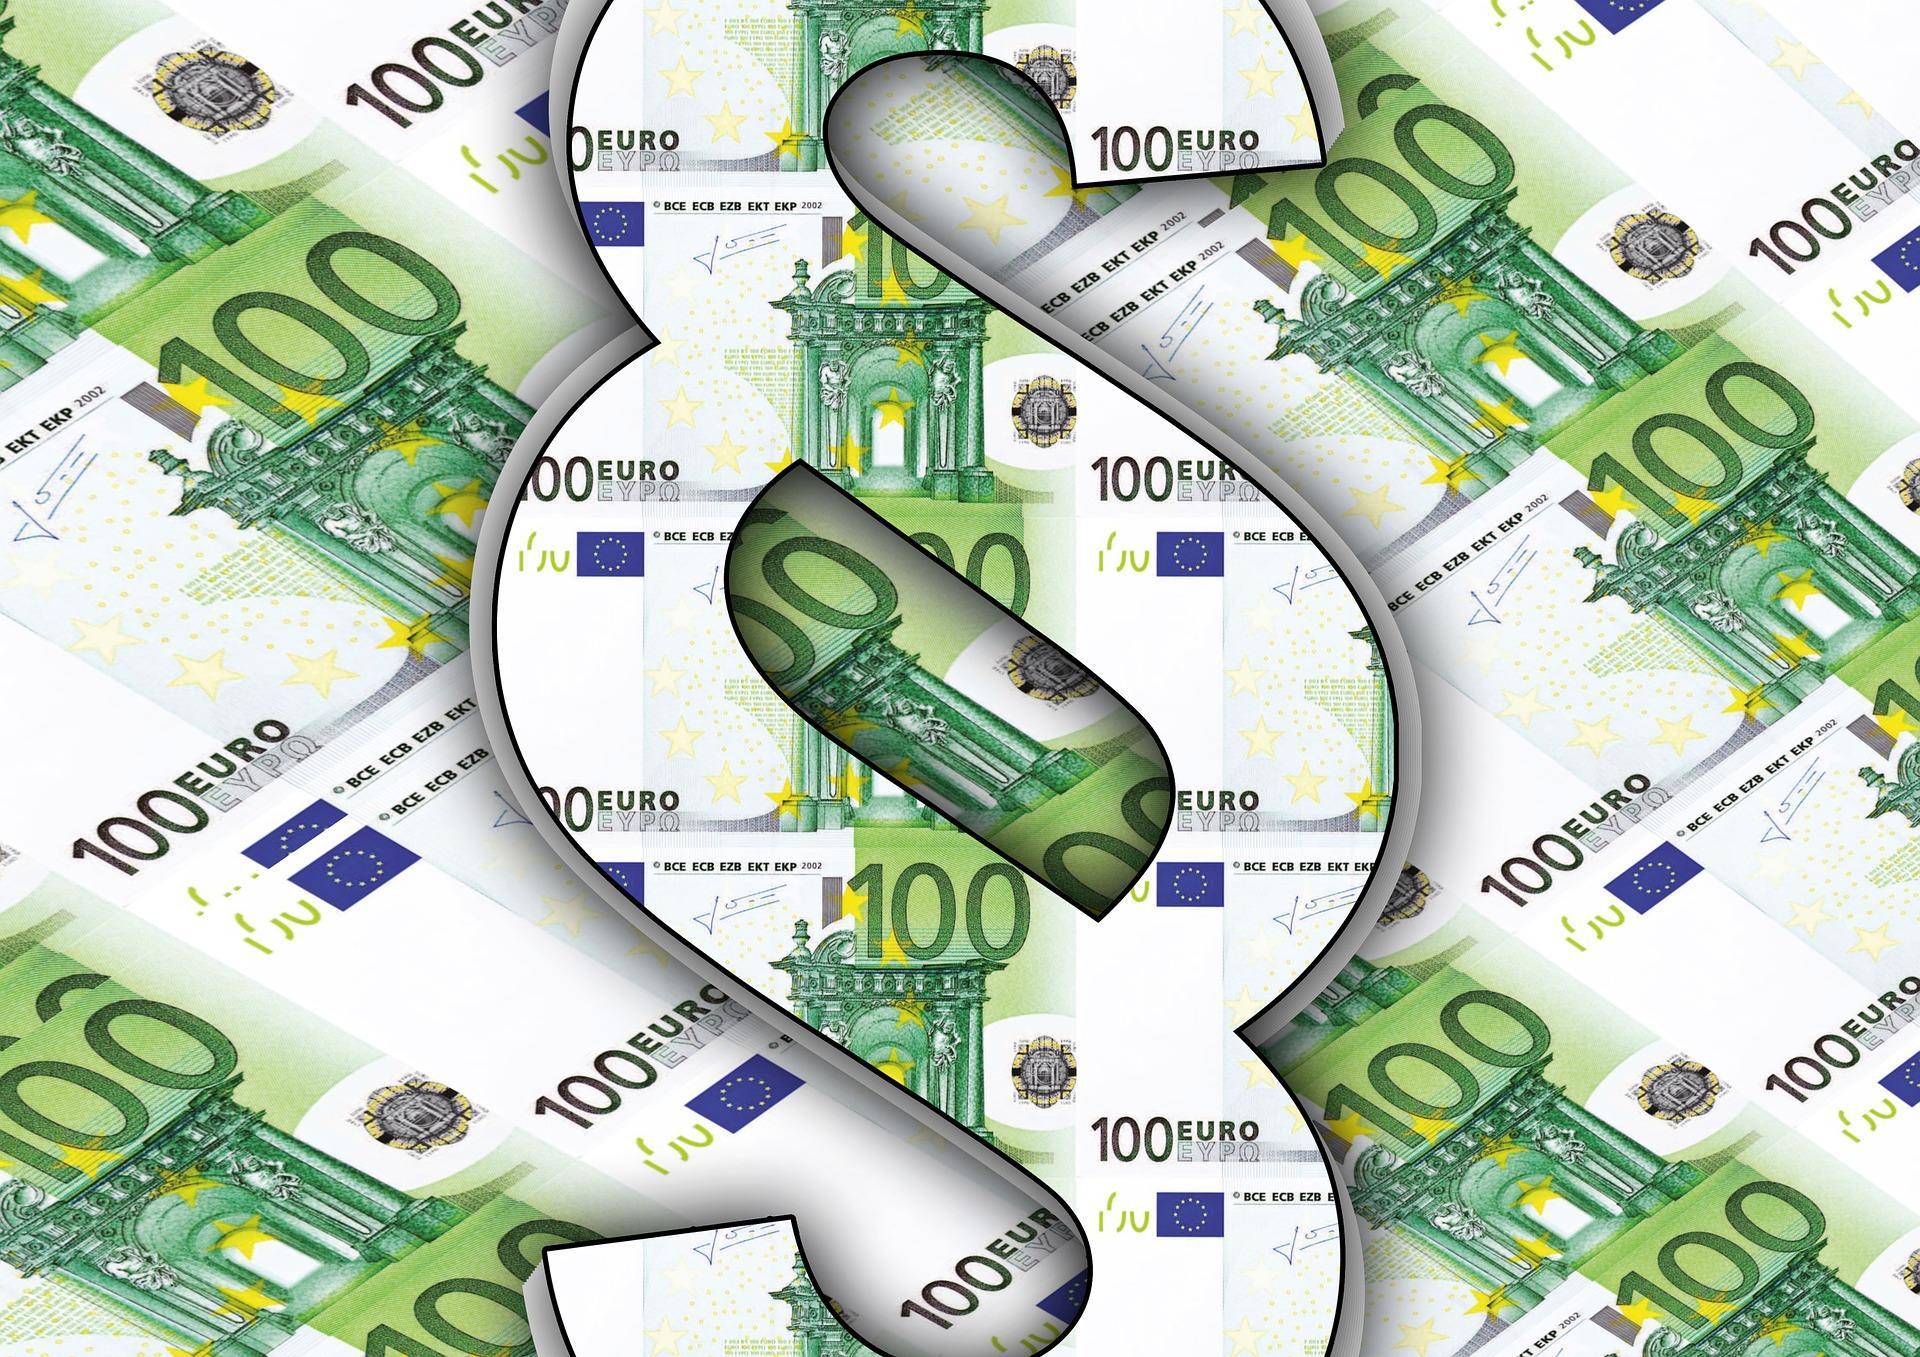 Rechtsbehelfsbelehrung in einer Einspruchsentscheidung - und die Telefax-Nr. des Finanzgerichts